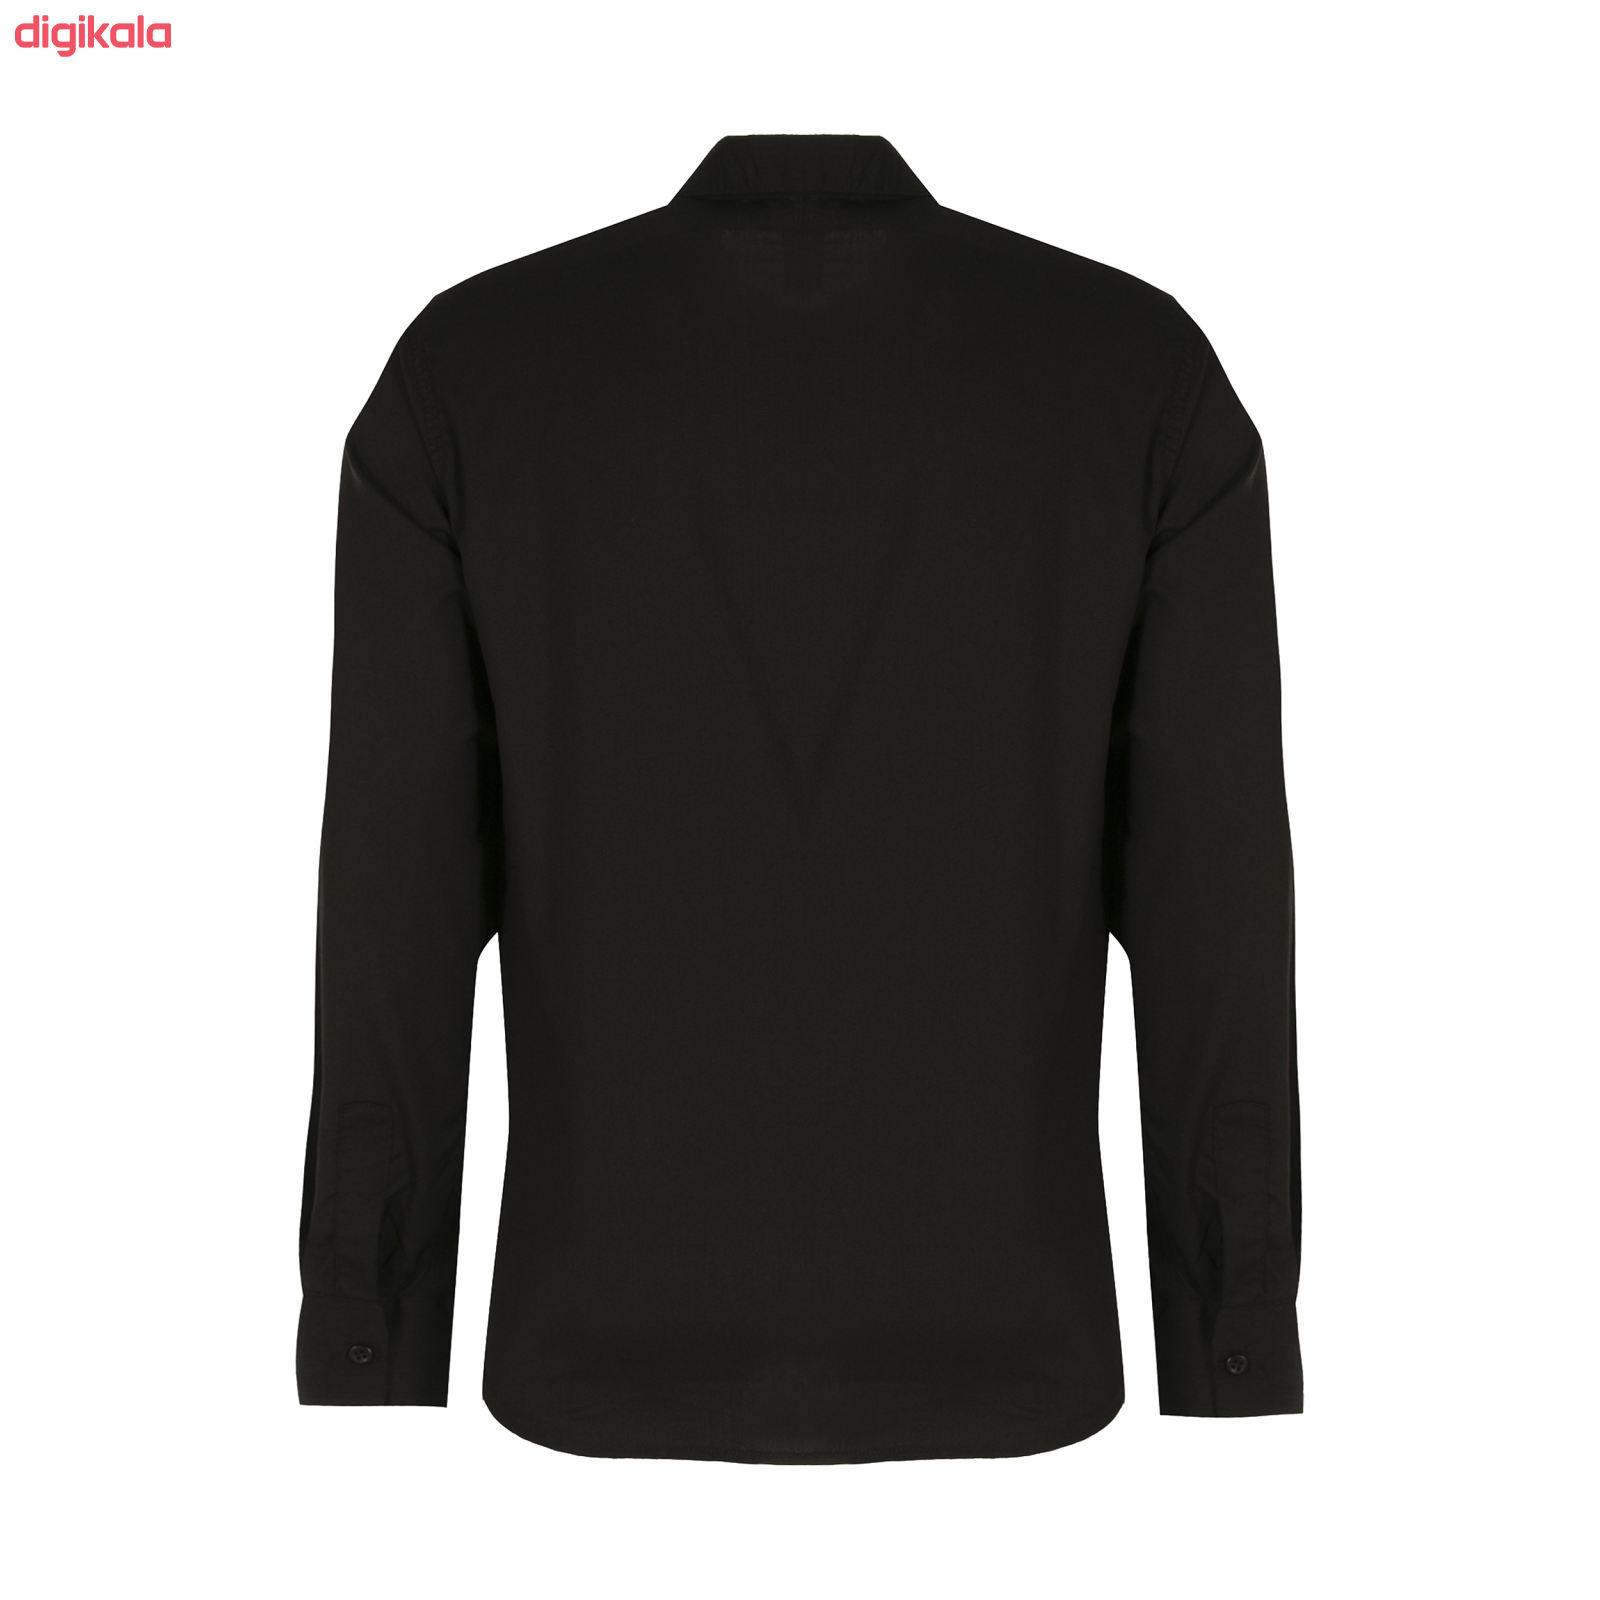 پیراهن آستین بلند مردانه کد PVLF BL-MIR-9906 رنگ مشکی main 1 2